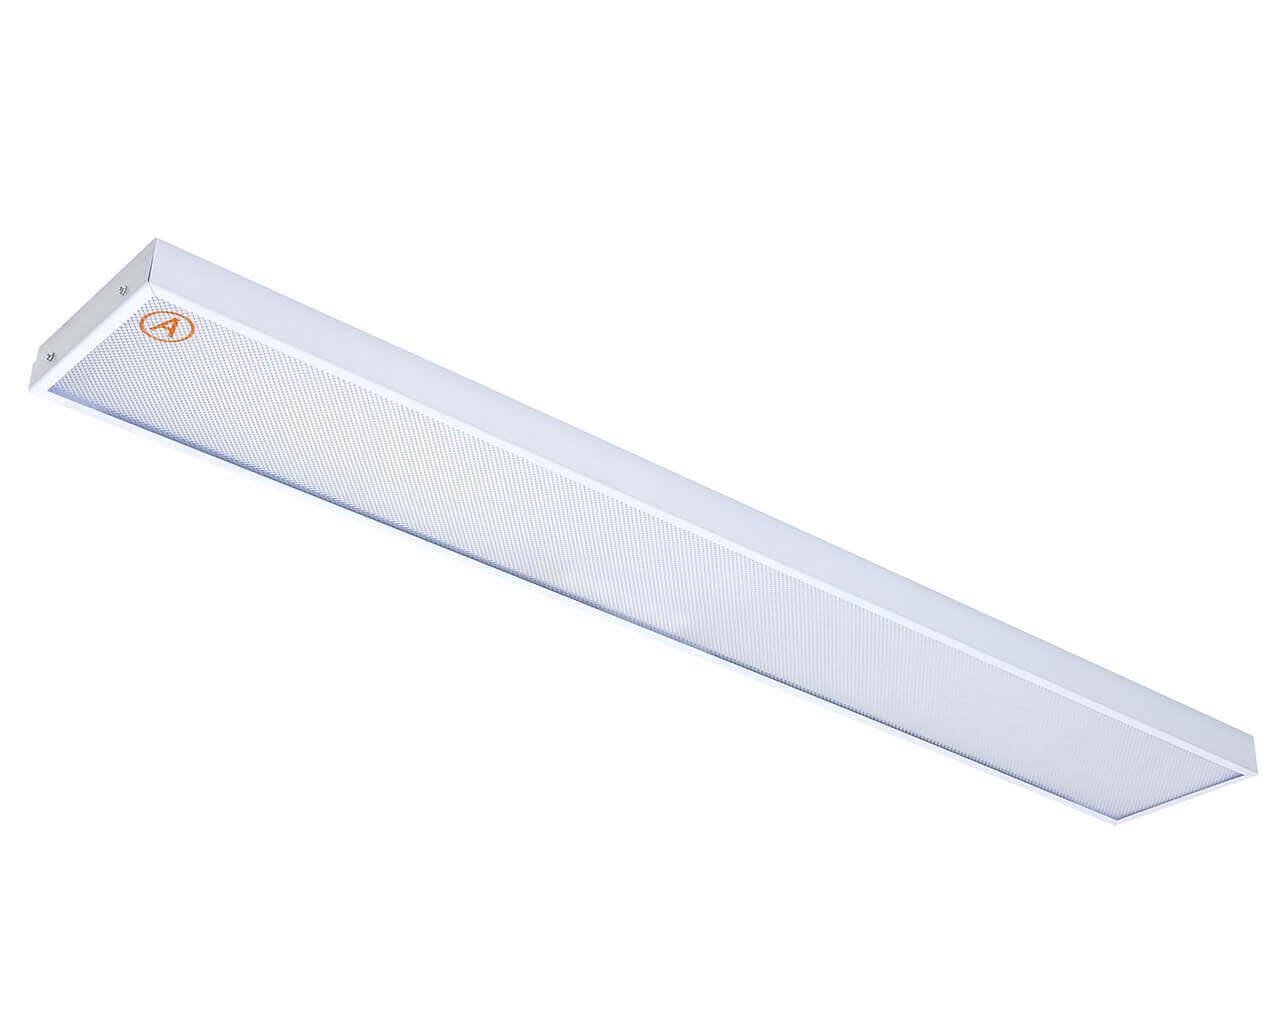 Накладной светильник LC-NS-60 ватт 1195x180 Теплый белый Призма с Бап-3 часа